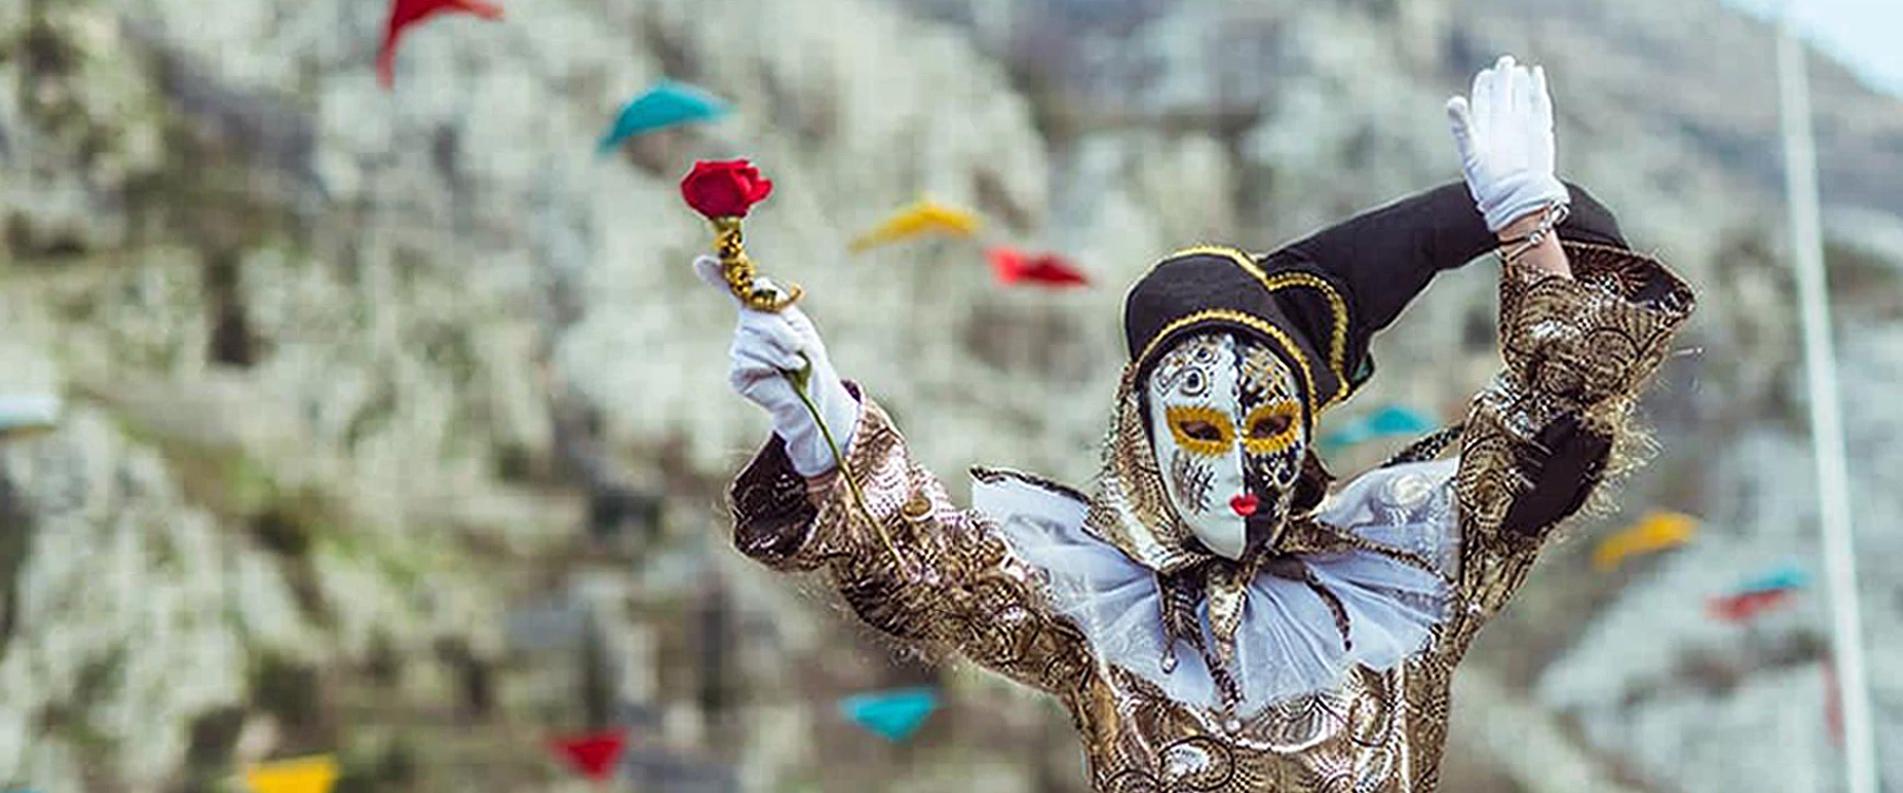 Зимний карнавал в Которе (15-23 февраля 2020 года)